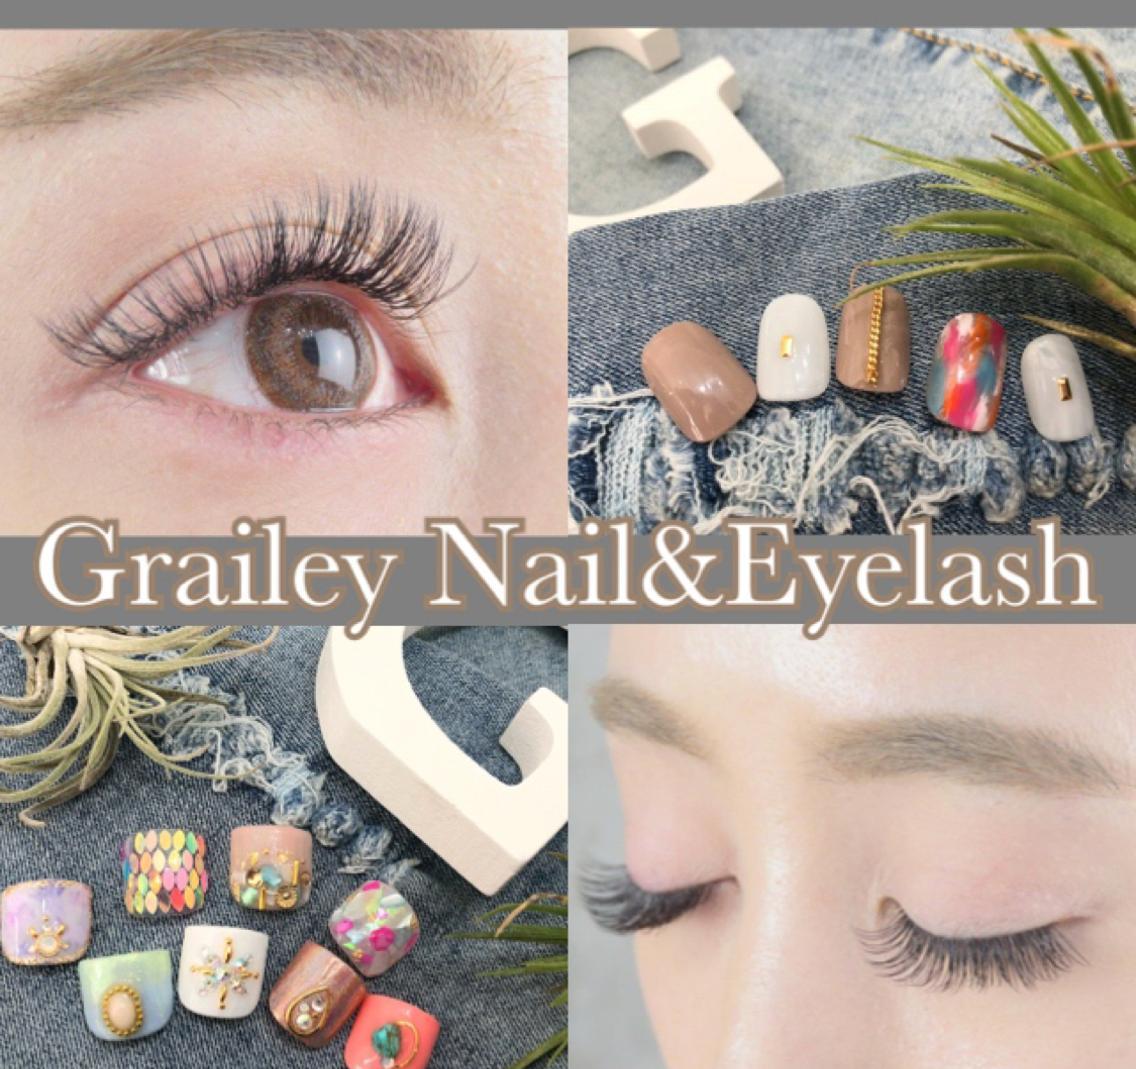 GraileyNail&Eyelash所属・Grailey グレイリーの掲載